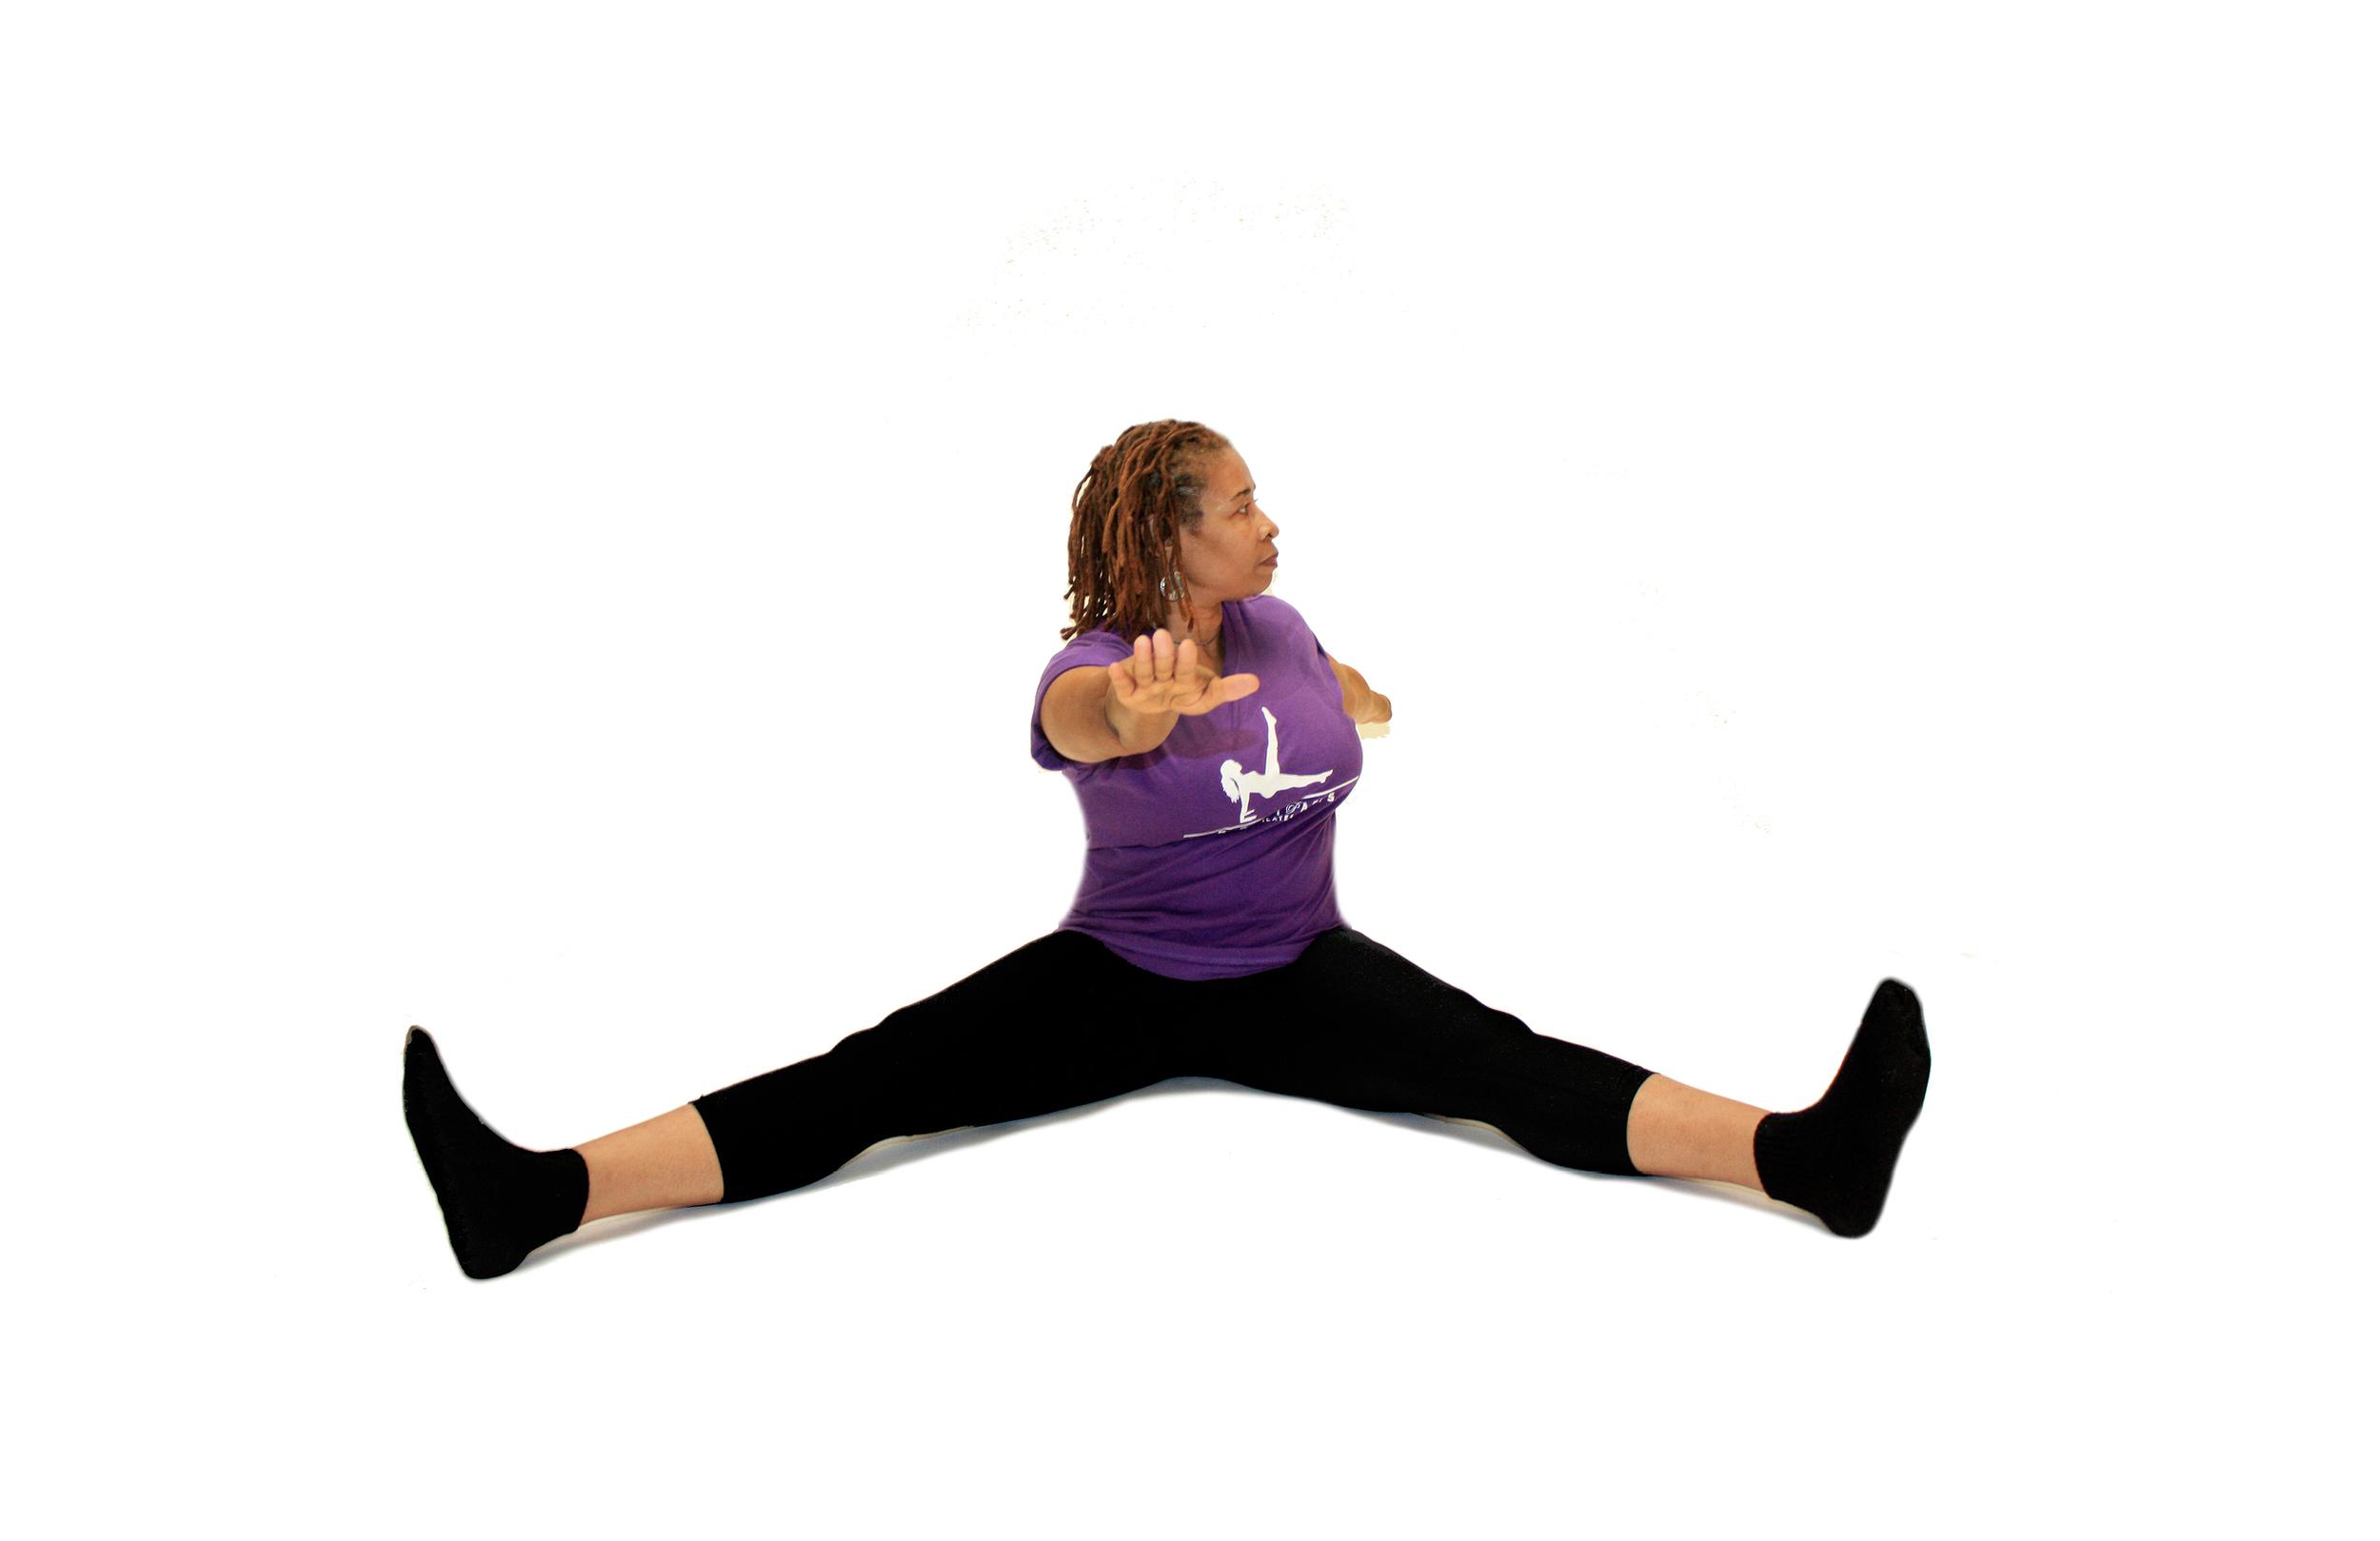 IMG_Deborah_Ingram_Pilates_001.jpg